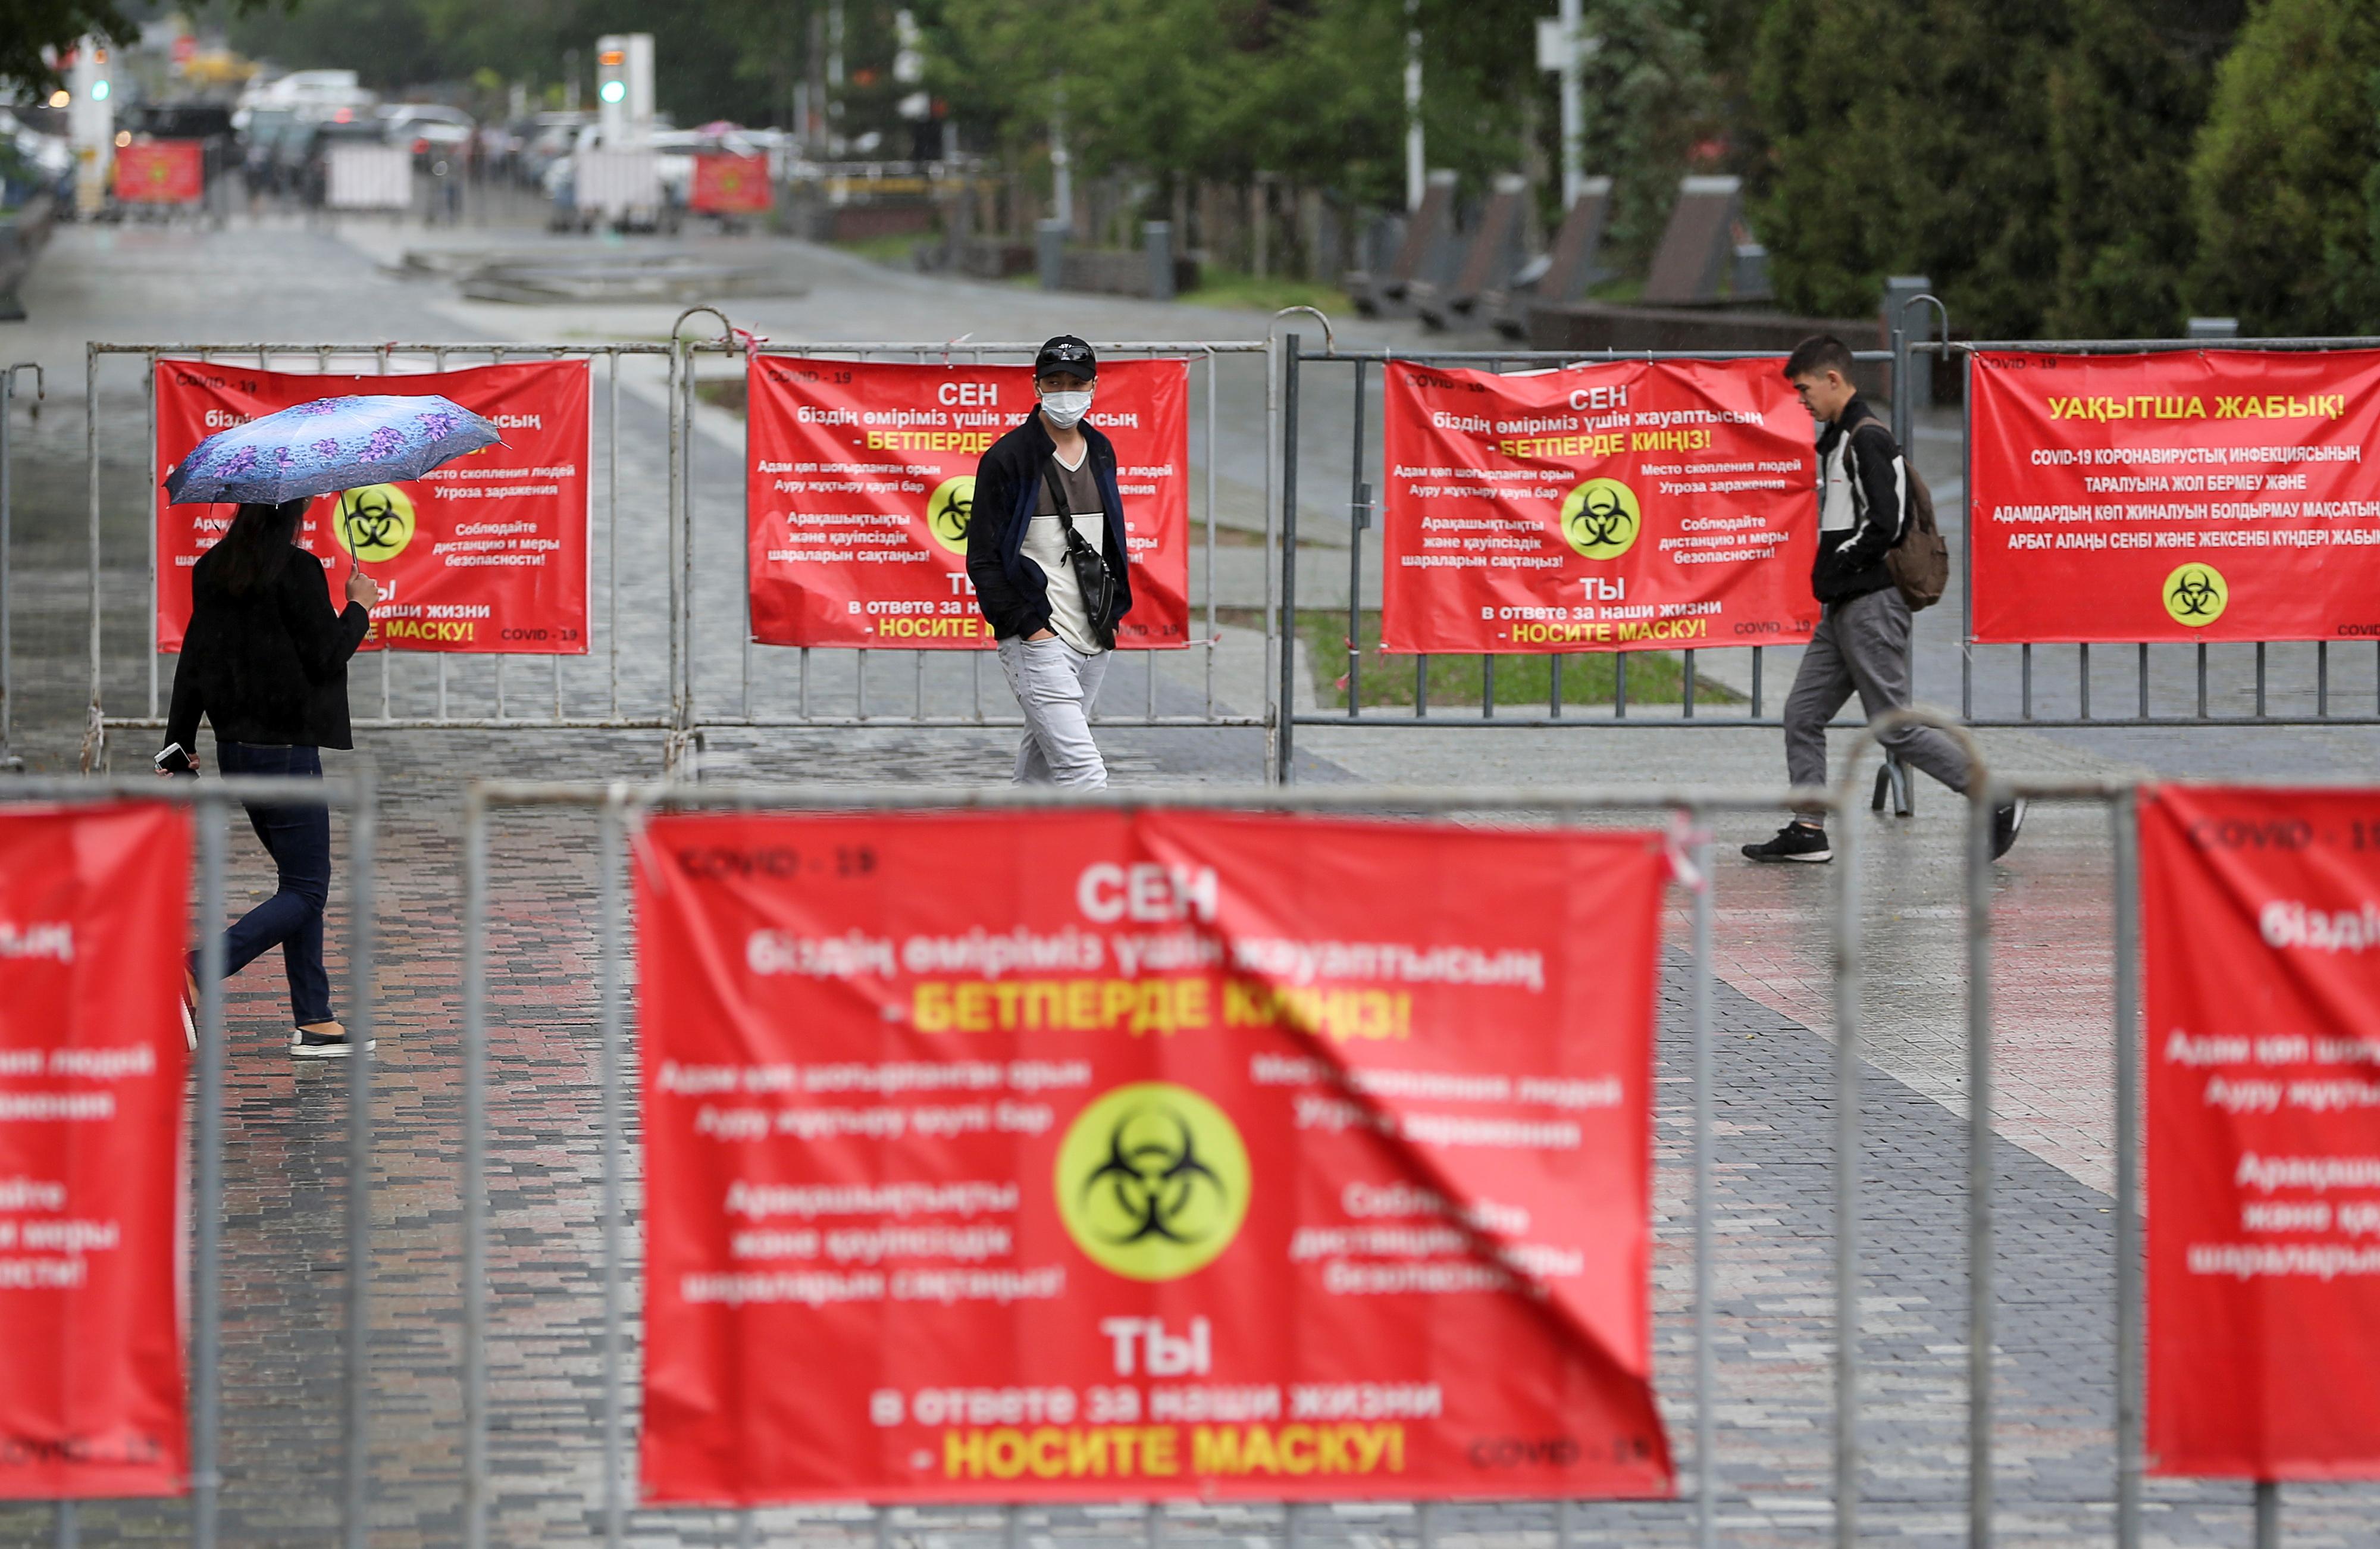 People walk past banners informing of preventive measures against the coronavirus disease (COVID-19) in Almaty, Kazakhstan May 20, 2021. REUTERS/Pavel Mikheyev